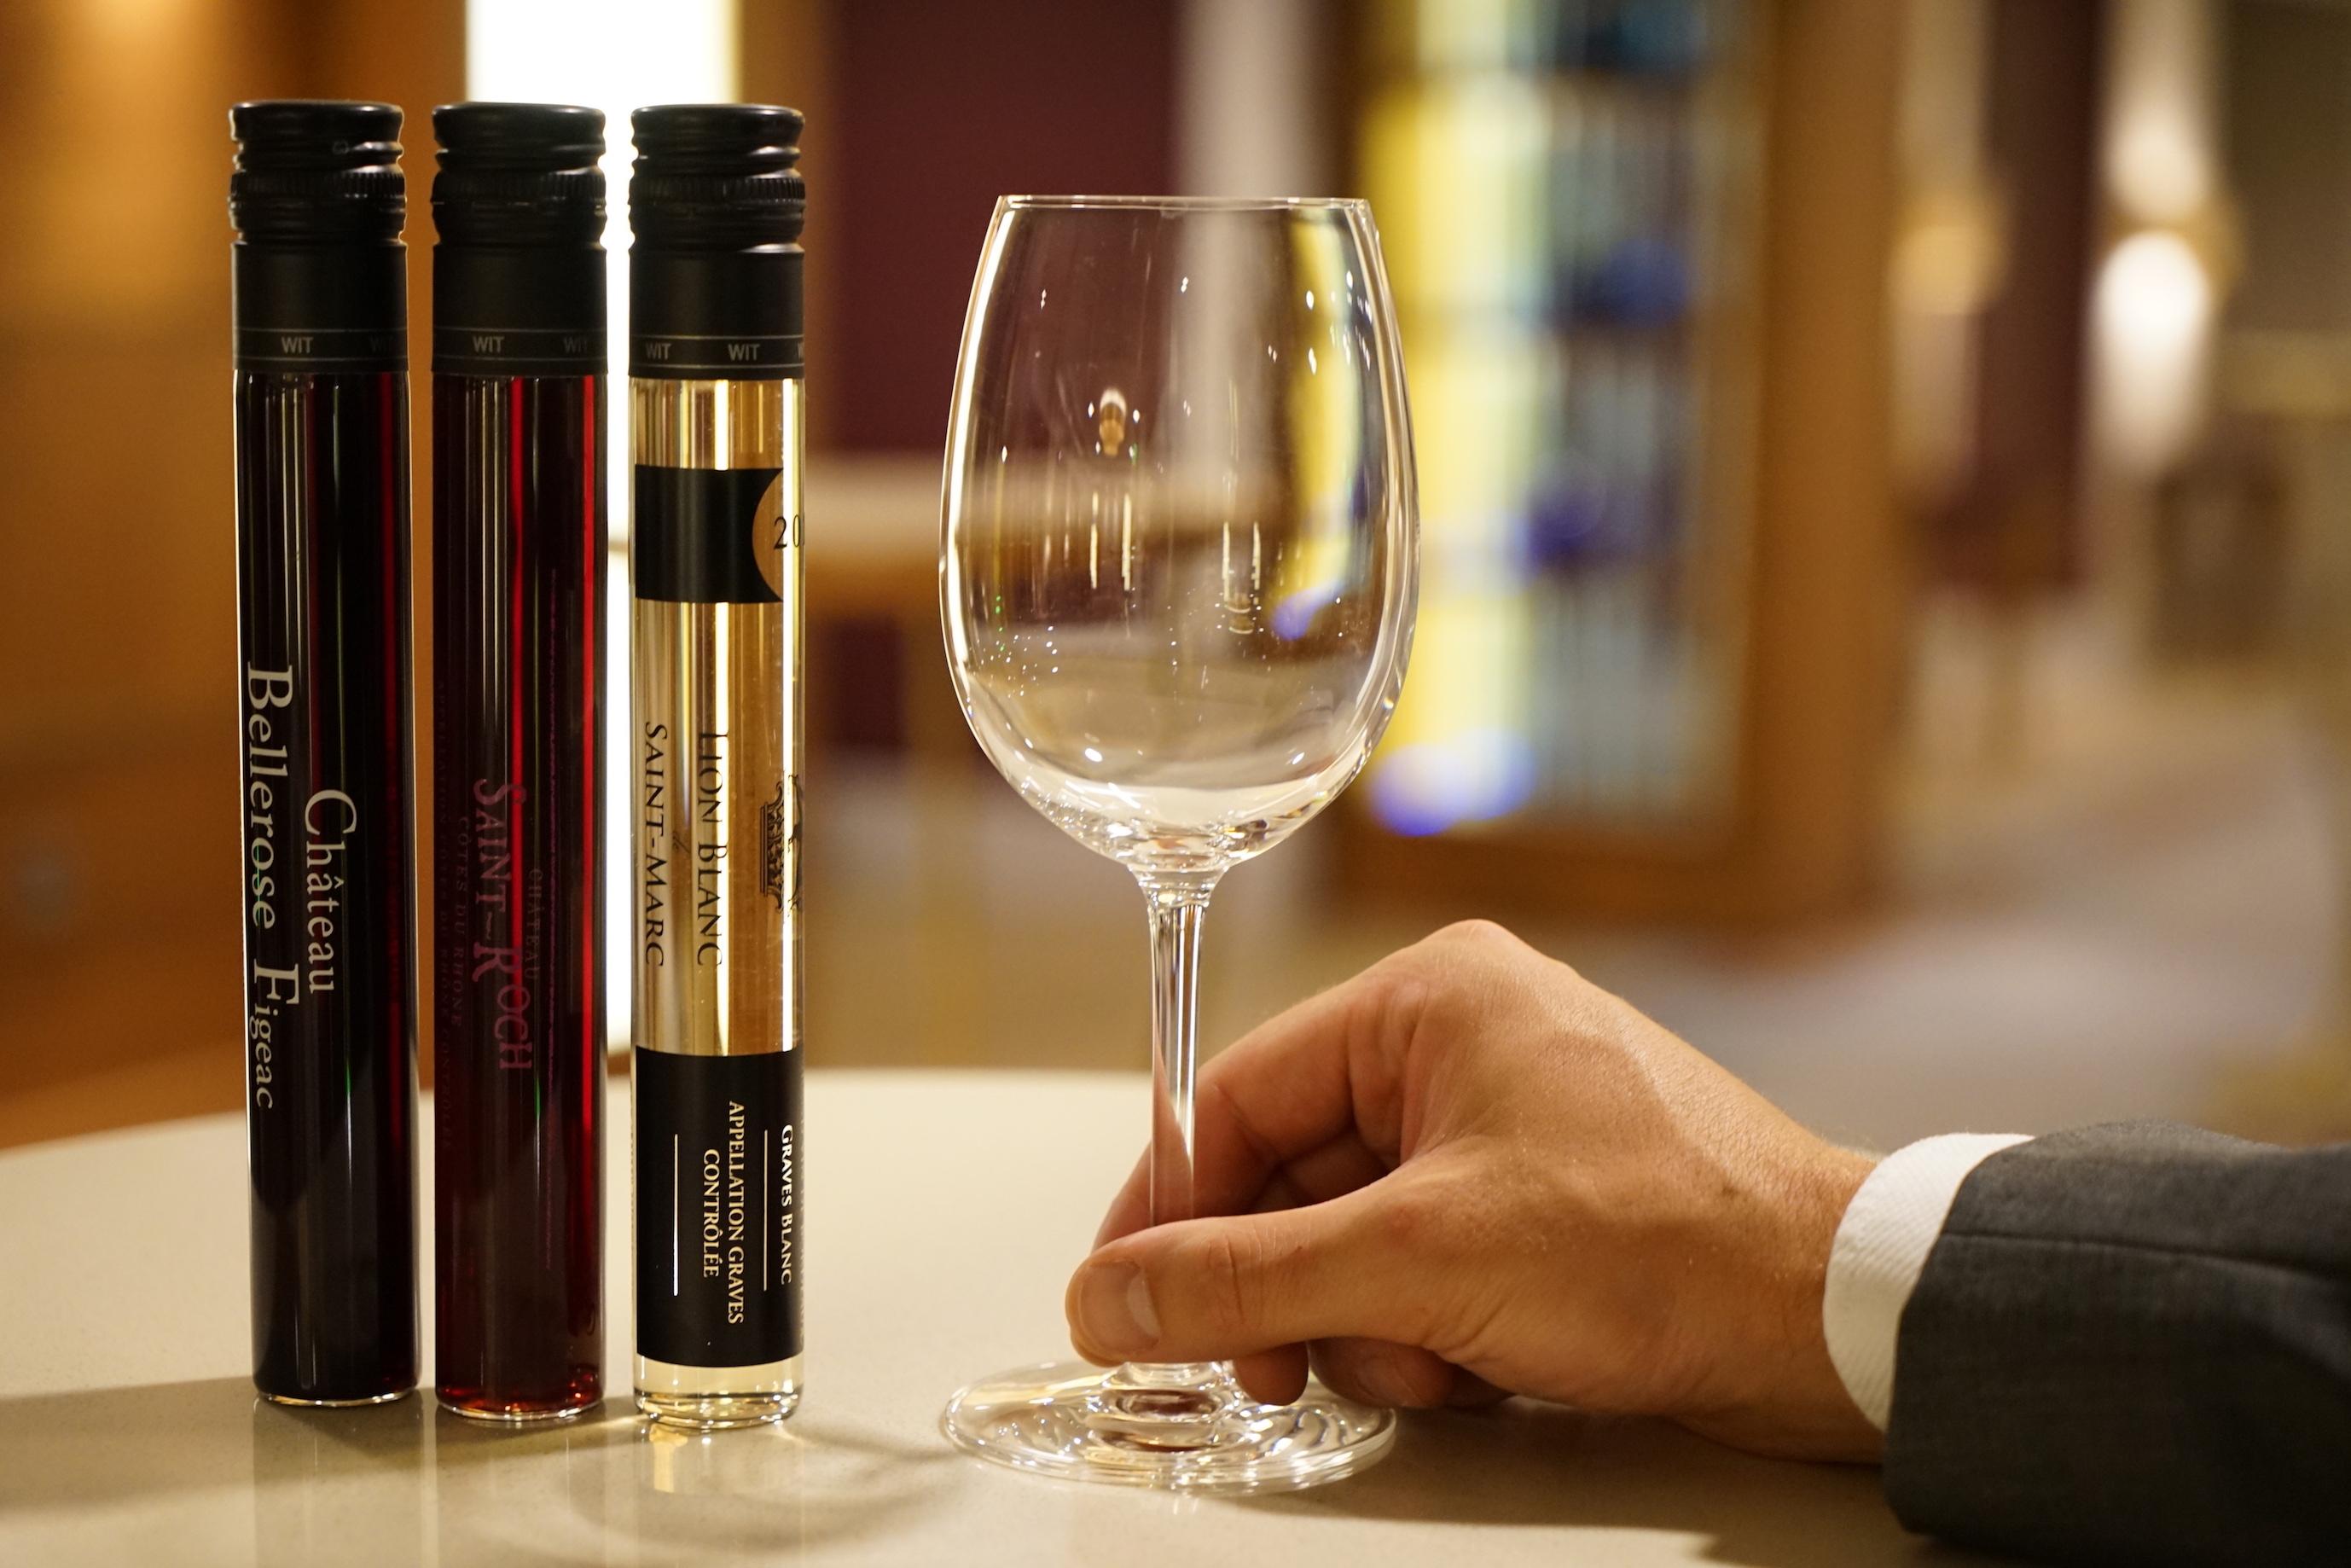 Et si pour déguster des grands crus, vous débouchiez non pas une bouteille, mais un tube? Oui, vous avez bien lui: un tube! Mathieu Poulain a décidé de révolutionner, à Londres, la manière de déguster les nectars des plus beaux domaines français.